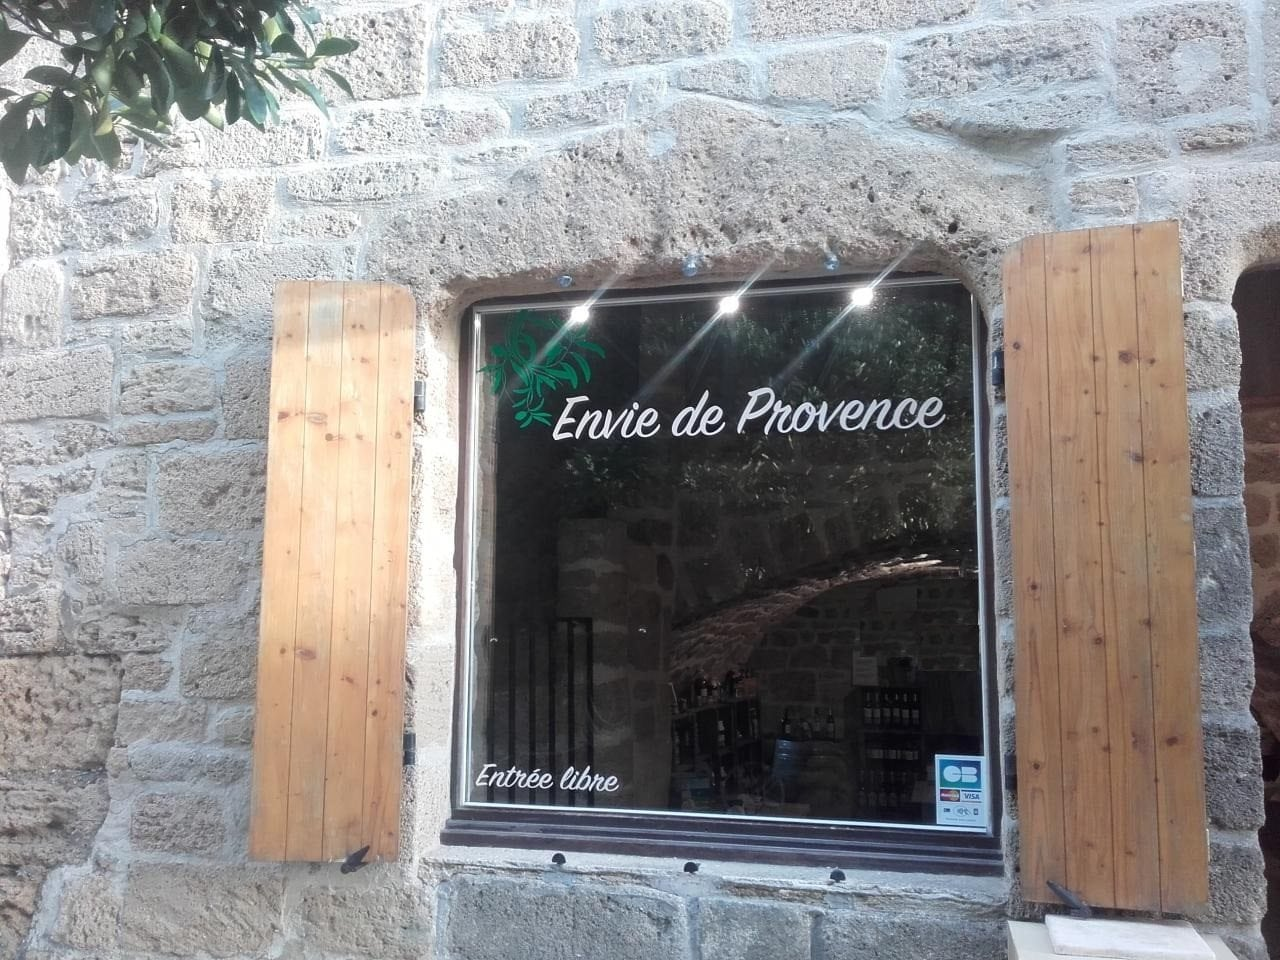 Envie de Provence